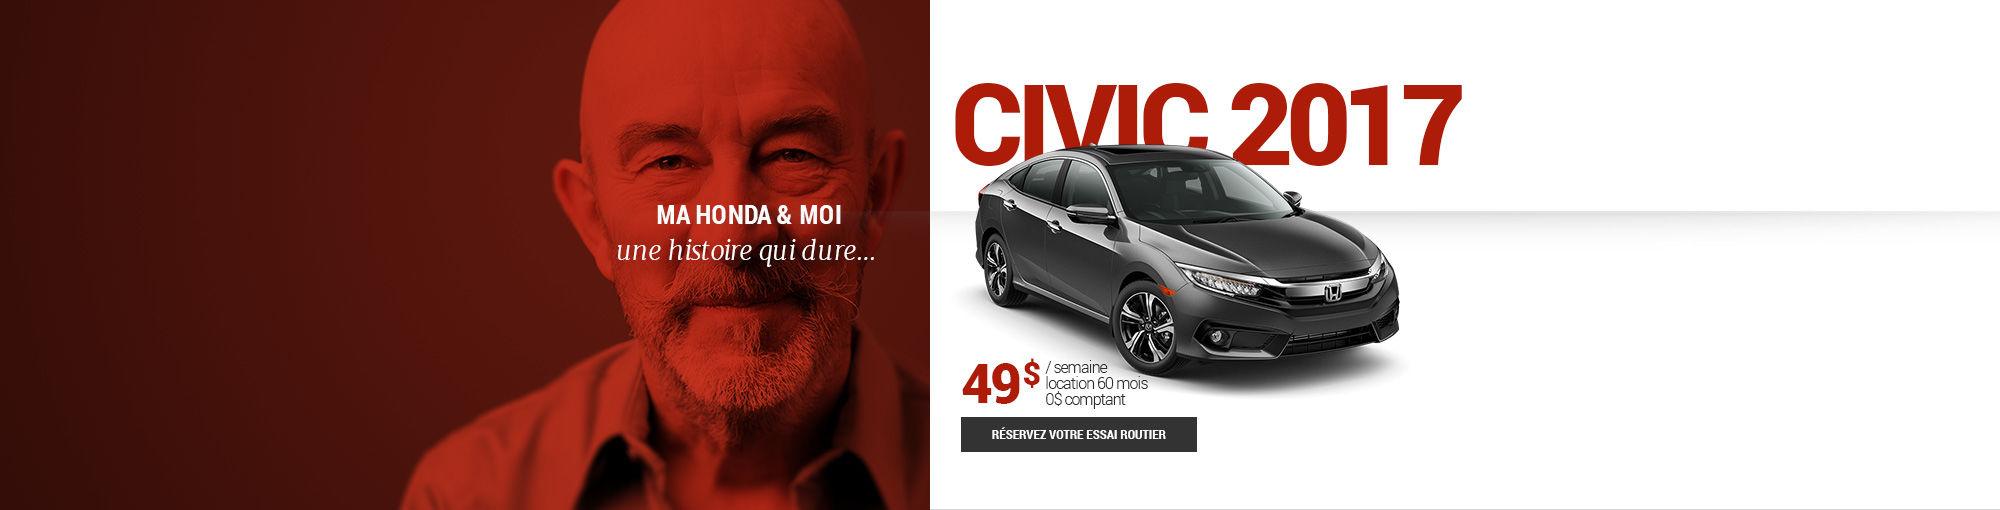 Civic 2017 - février 2017